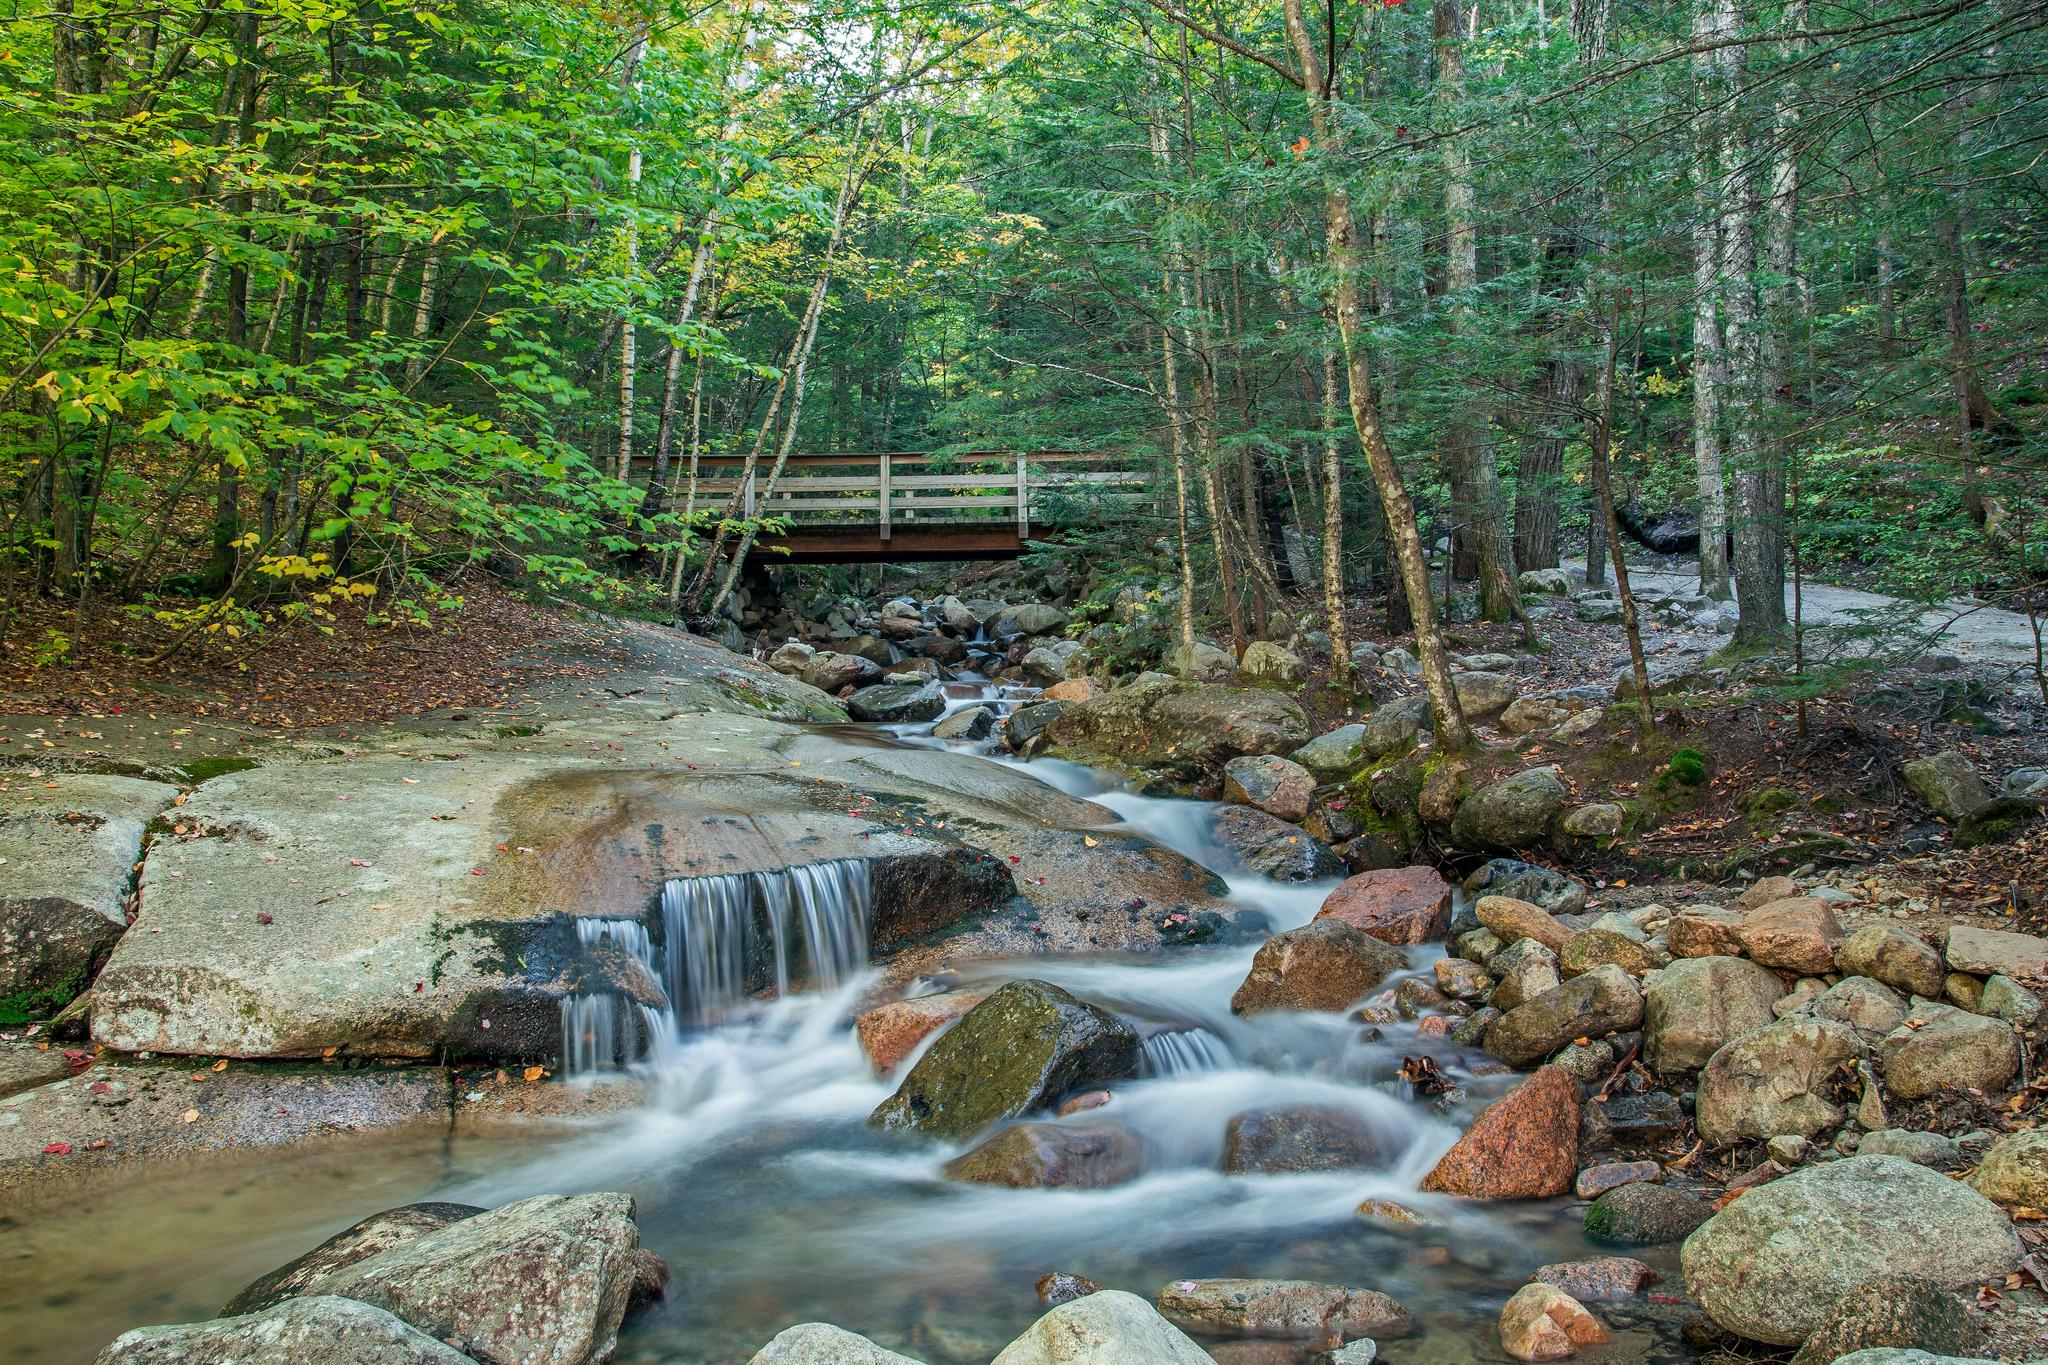 обои Нью-Гемпшир, Национальный заповедник, Новая Англия, лес картинки фото